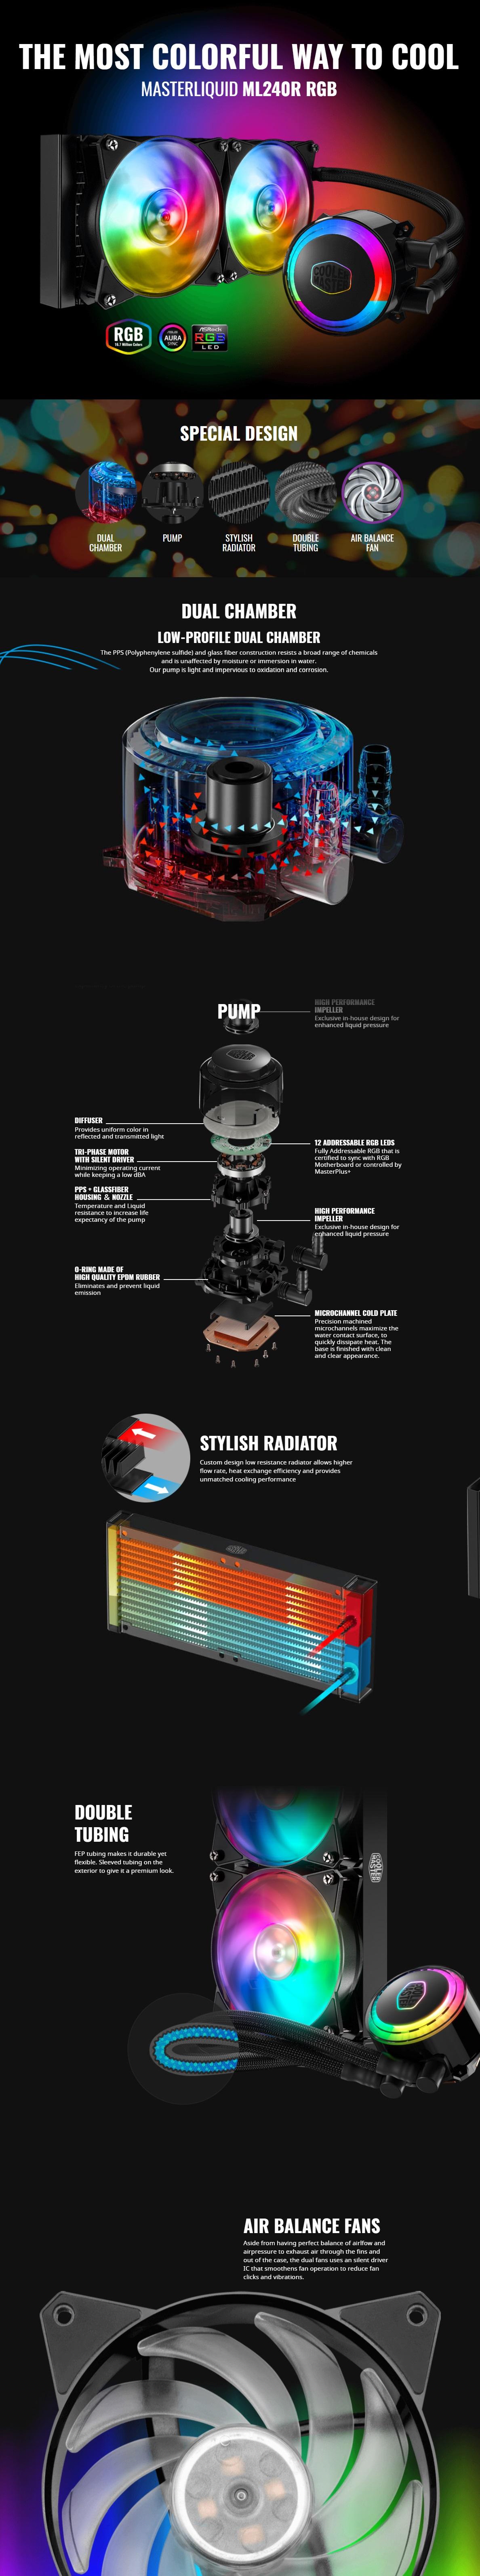 Cooler Master MasterLiquid ML240R RGB CPU Cooler